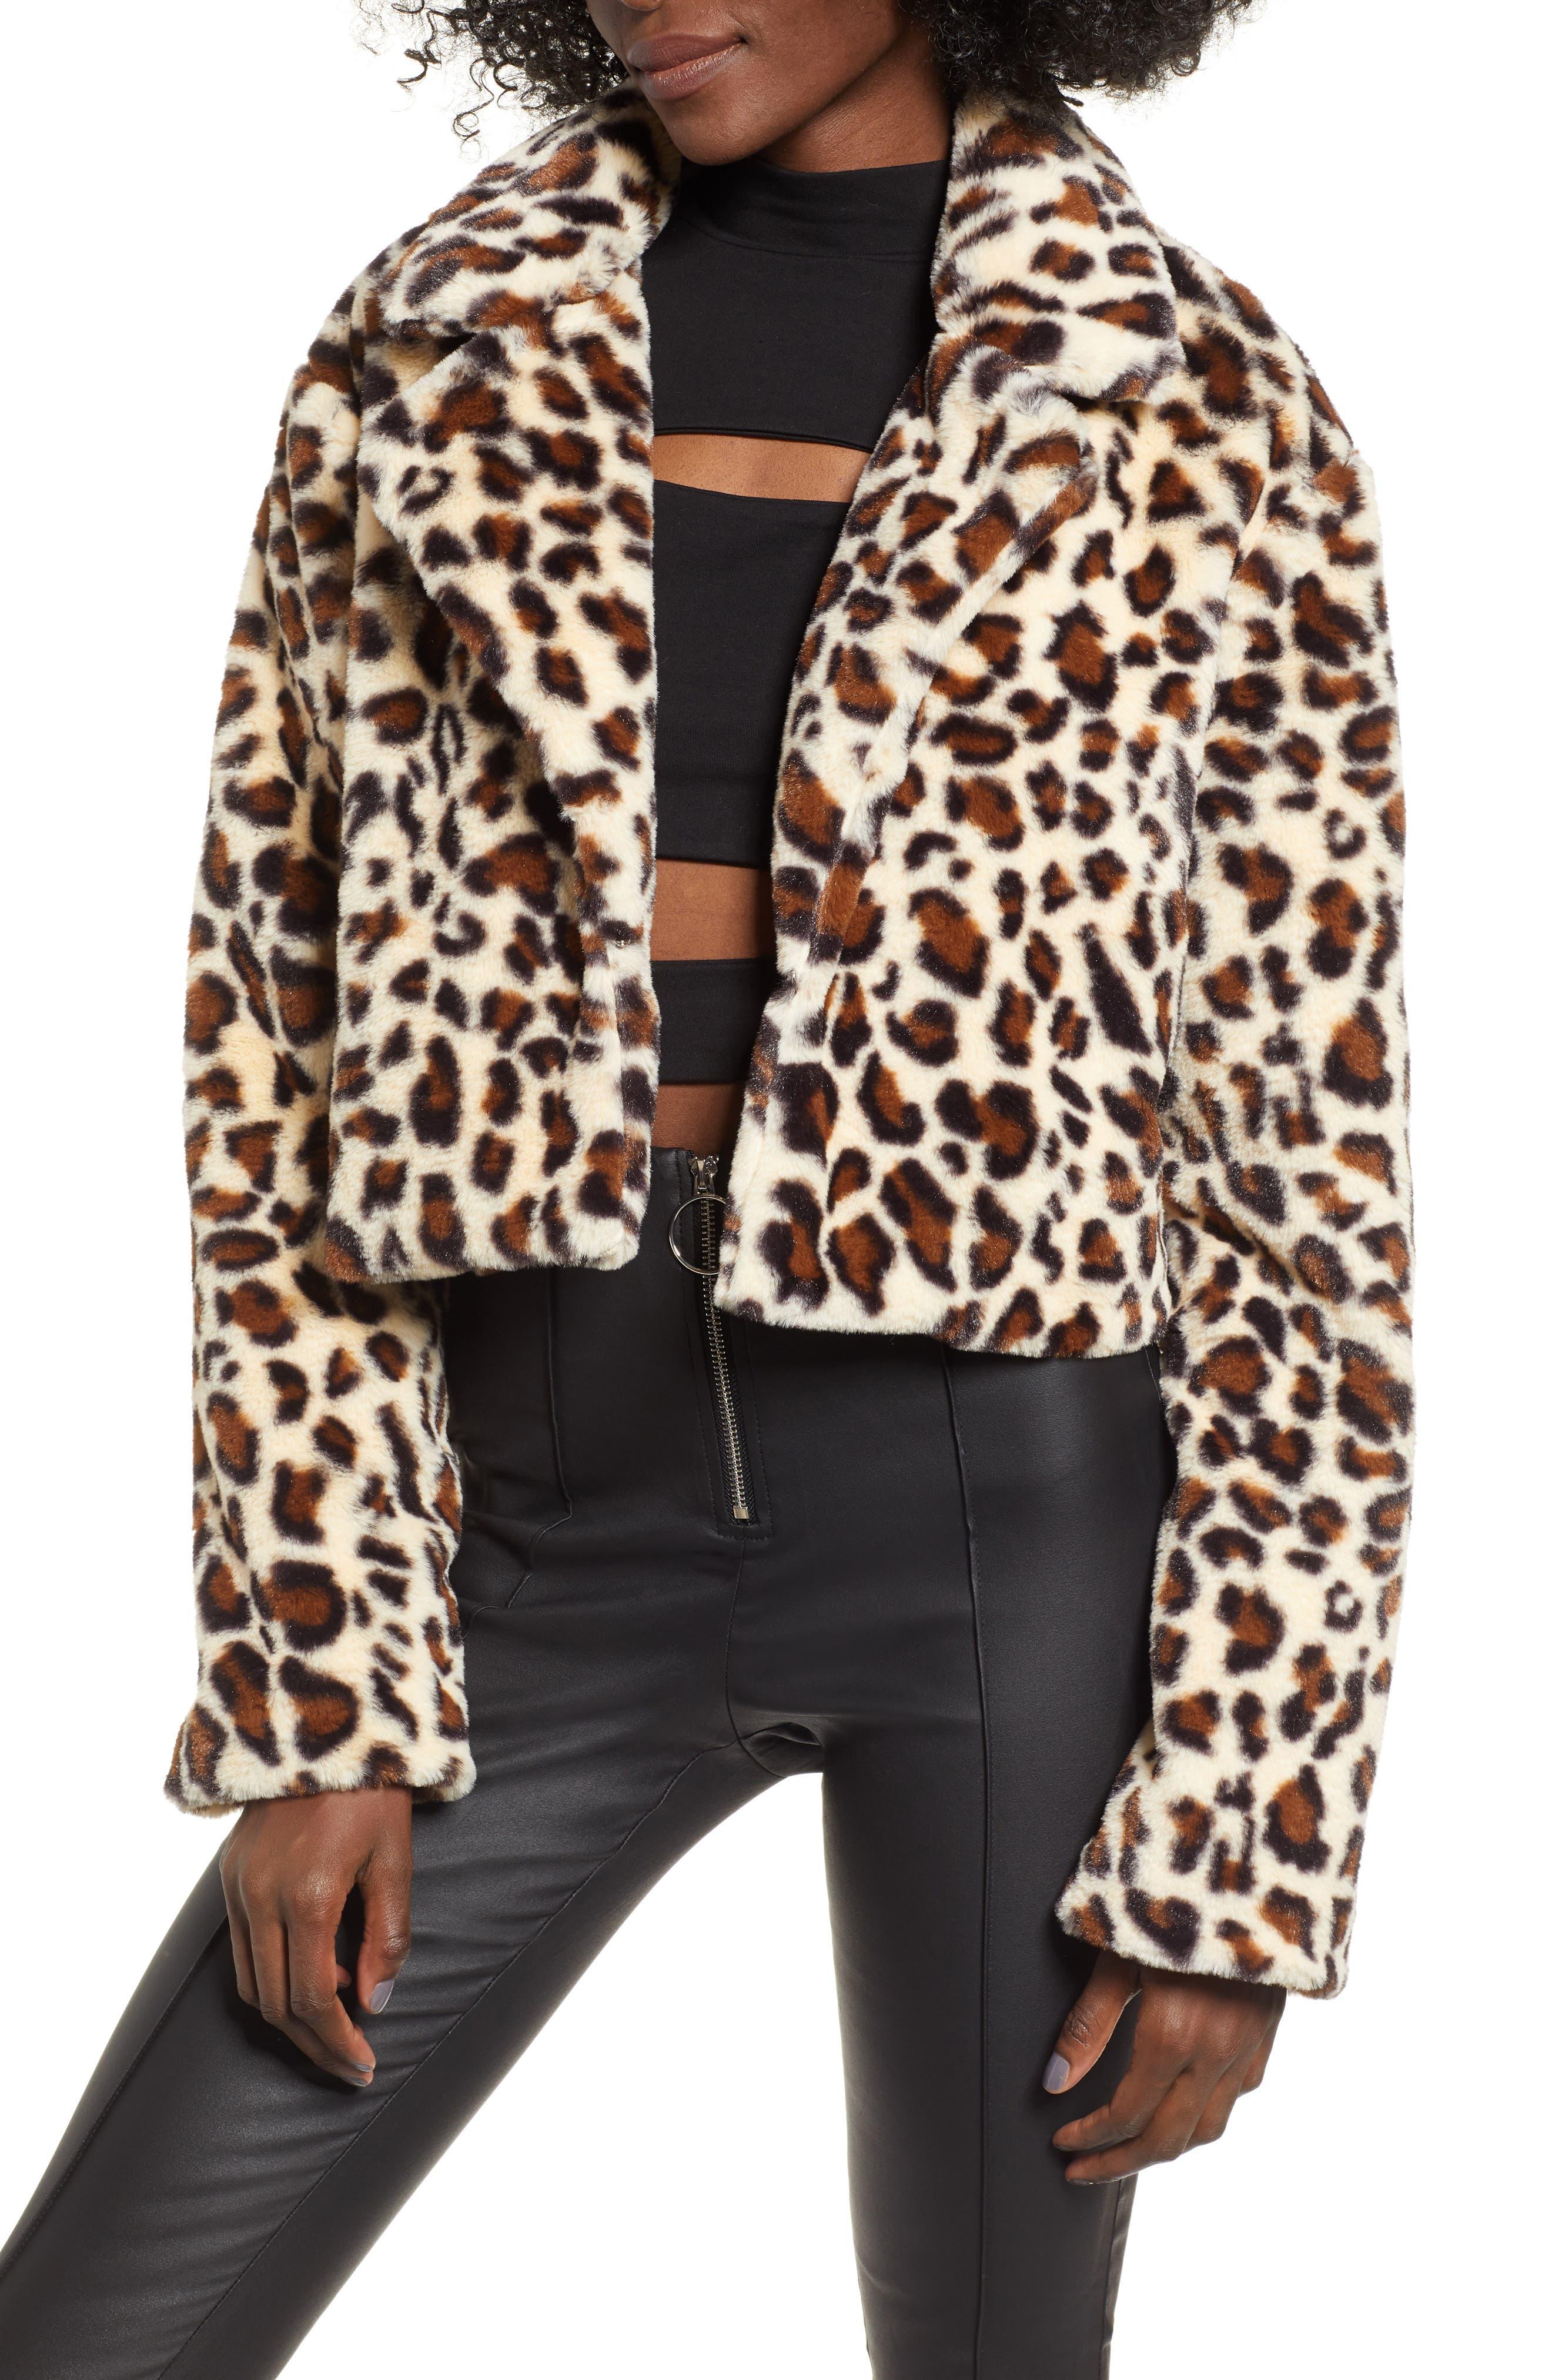 Mimi Faux Fur Jacket,                             Main thumbnail 1, color,                             LEOPARD